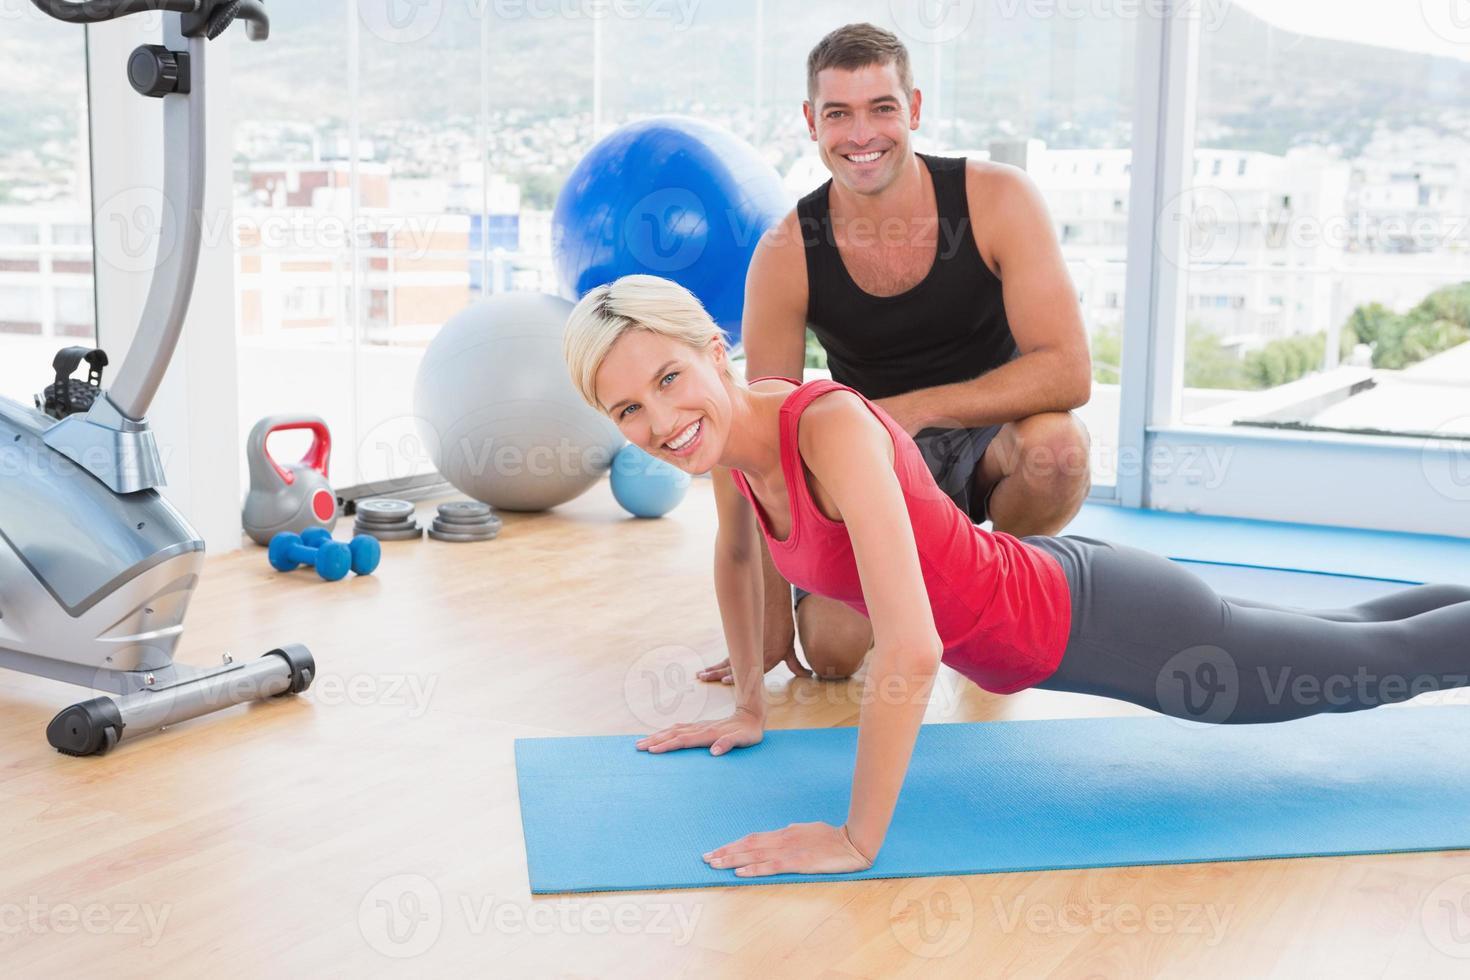 femme blonde travaillant sur un tapis d'exercice avec son entraîneur photo